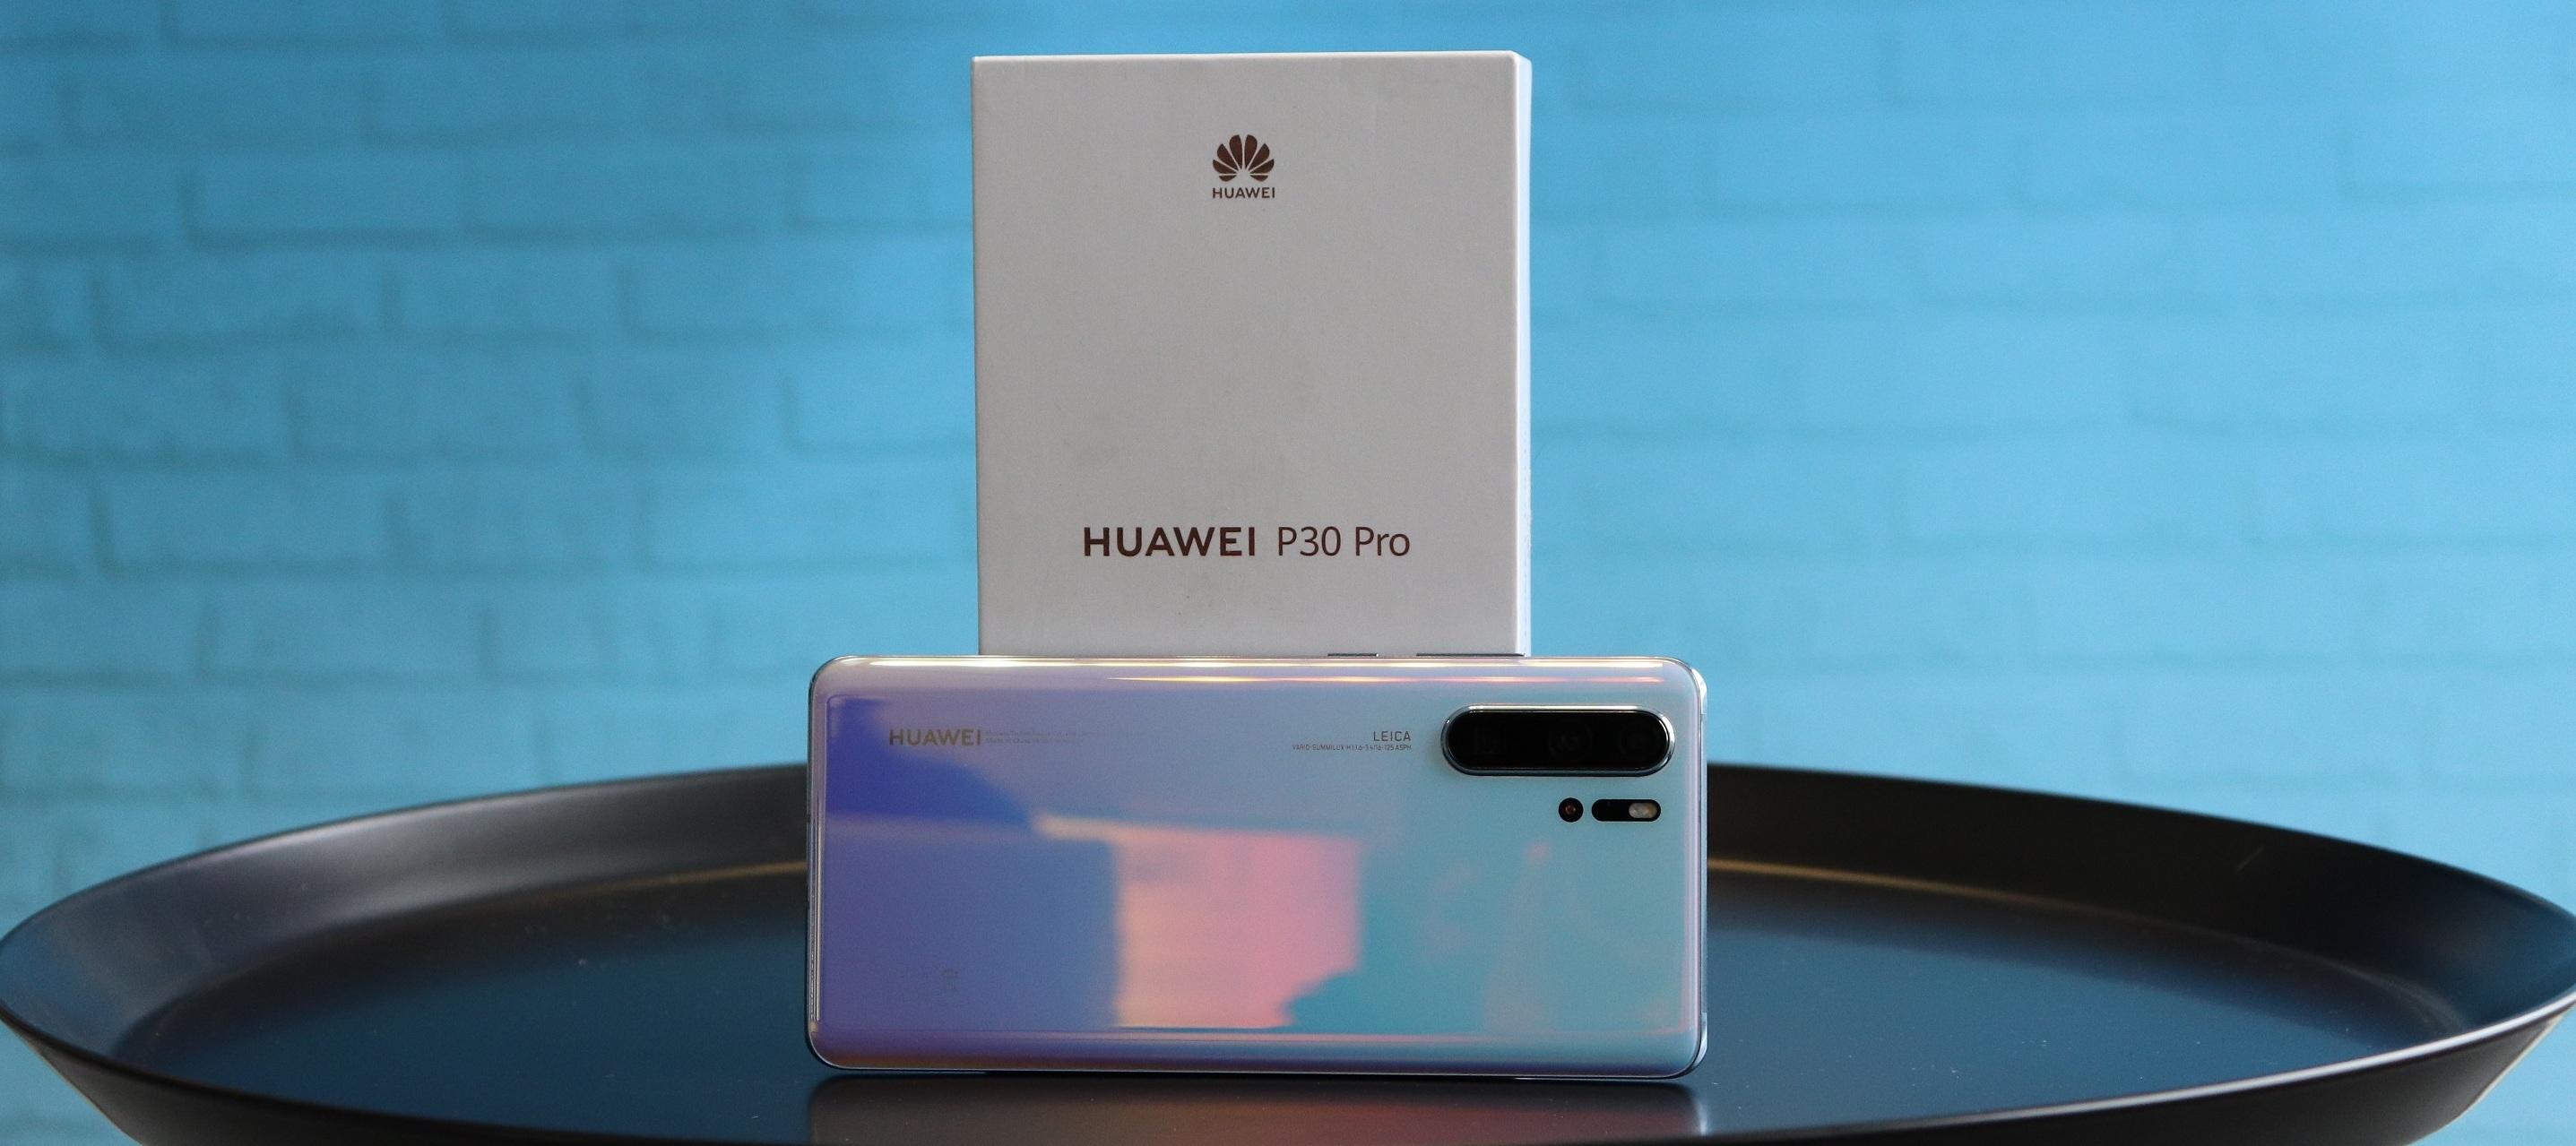 Huawei P30 Pro Testgerät - Teste das neueste Huawei Smartphone in deinen W(H)änden!